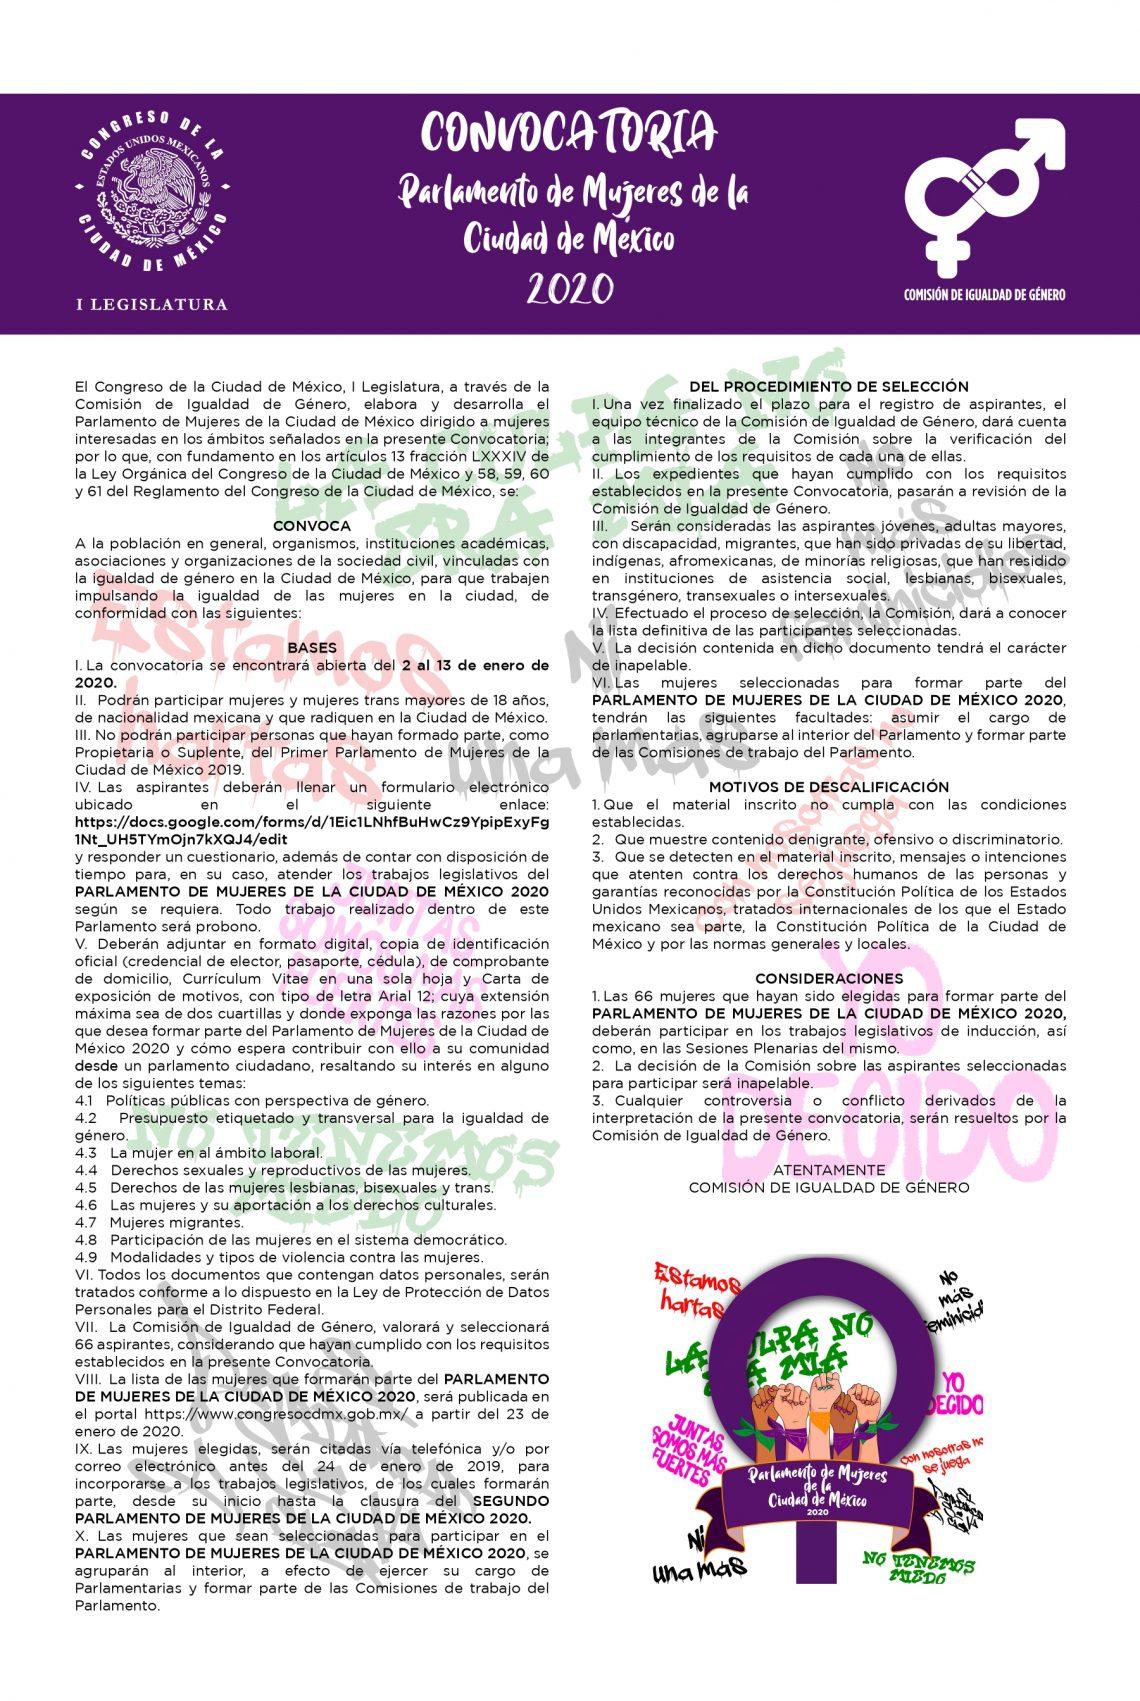 Convocatoria para el Segundo Parlamento de Mujeres de la Ciudad de México 2020